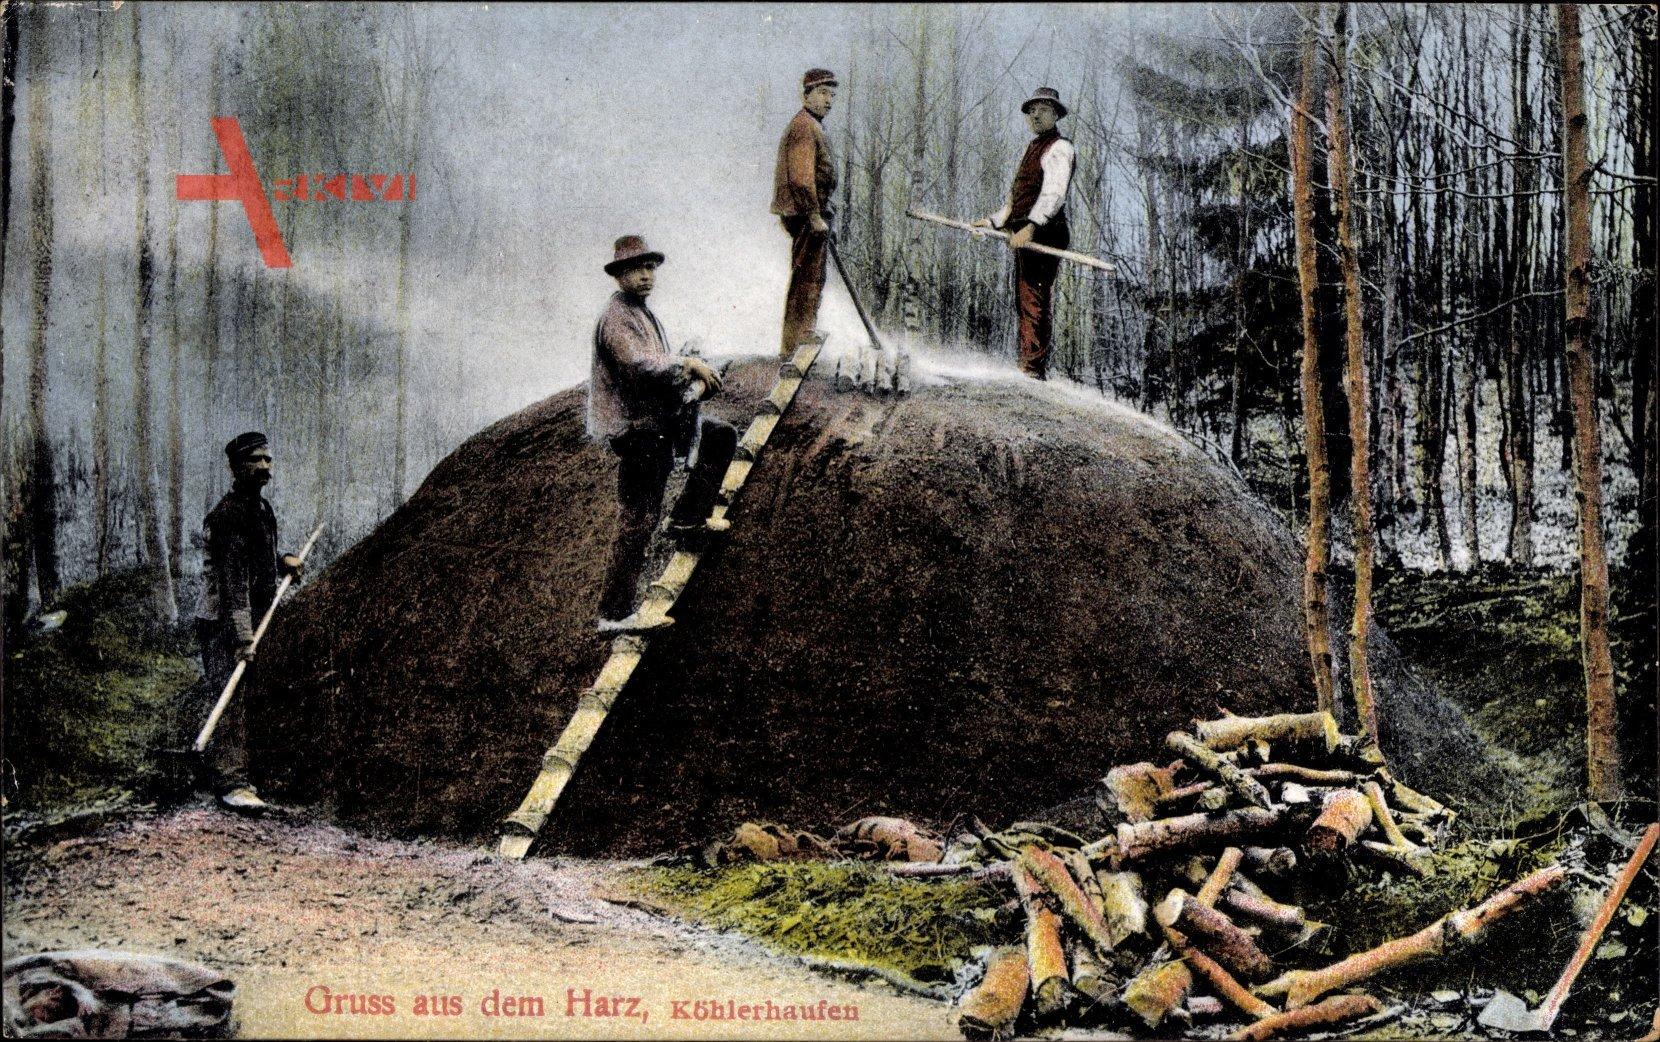 Gruss aus dem Harz, Köhlerhaufen, Köhler bei der Arbeit